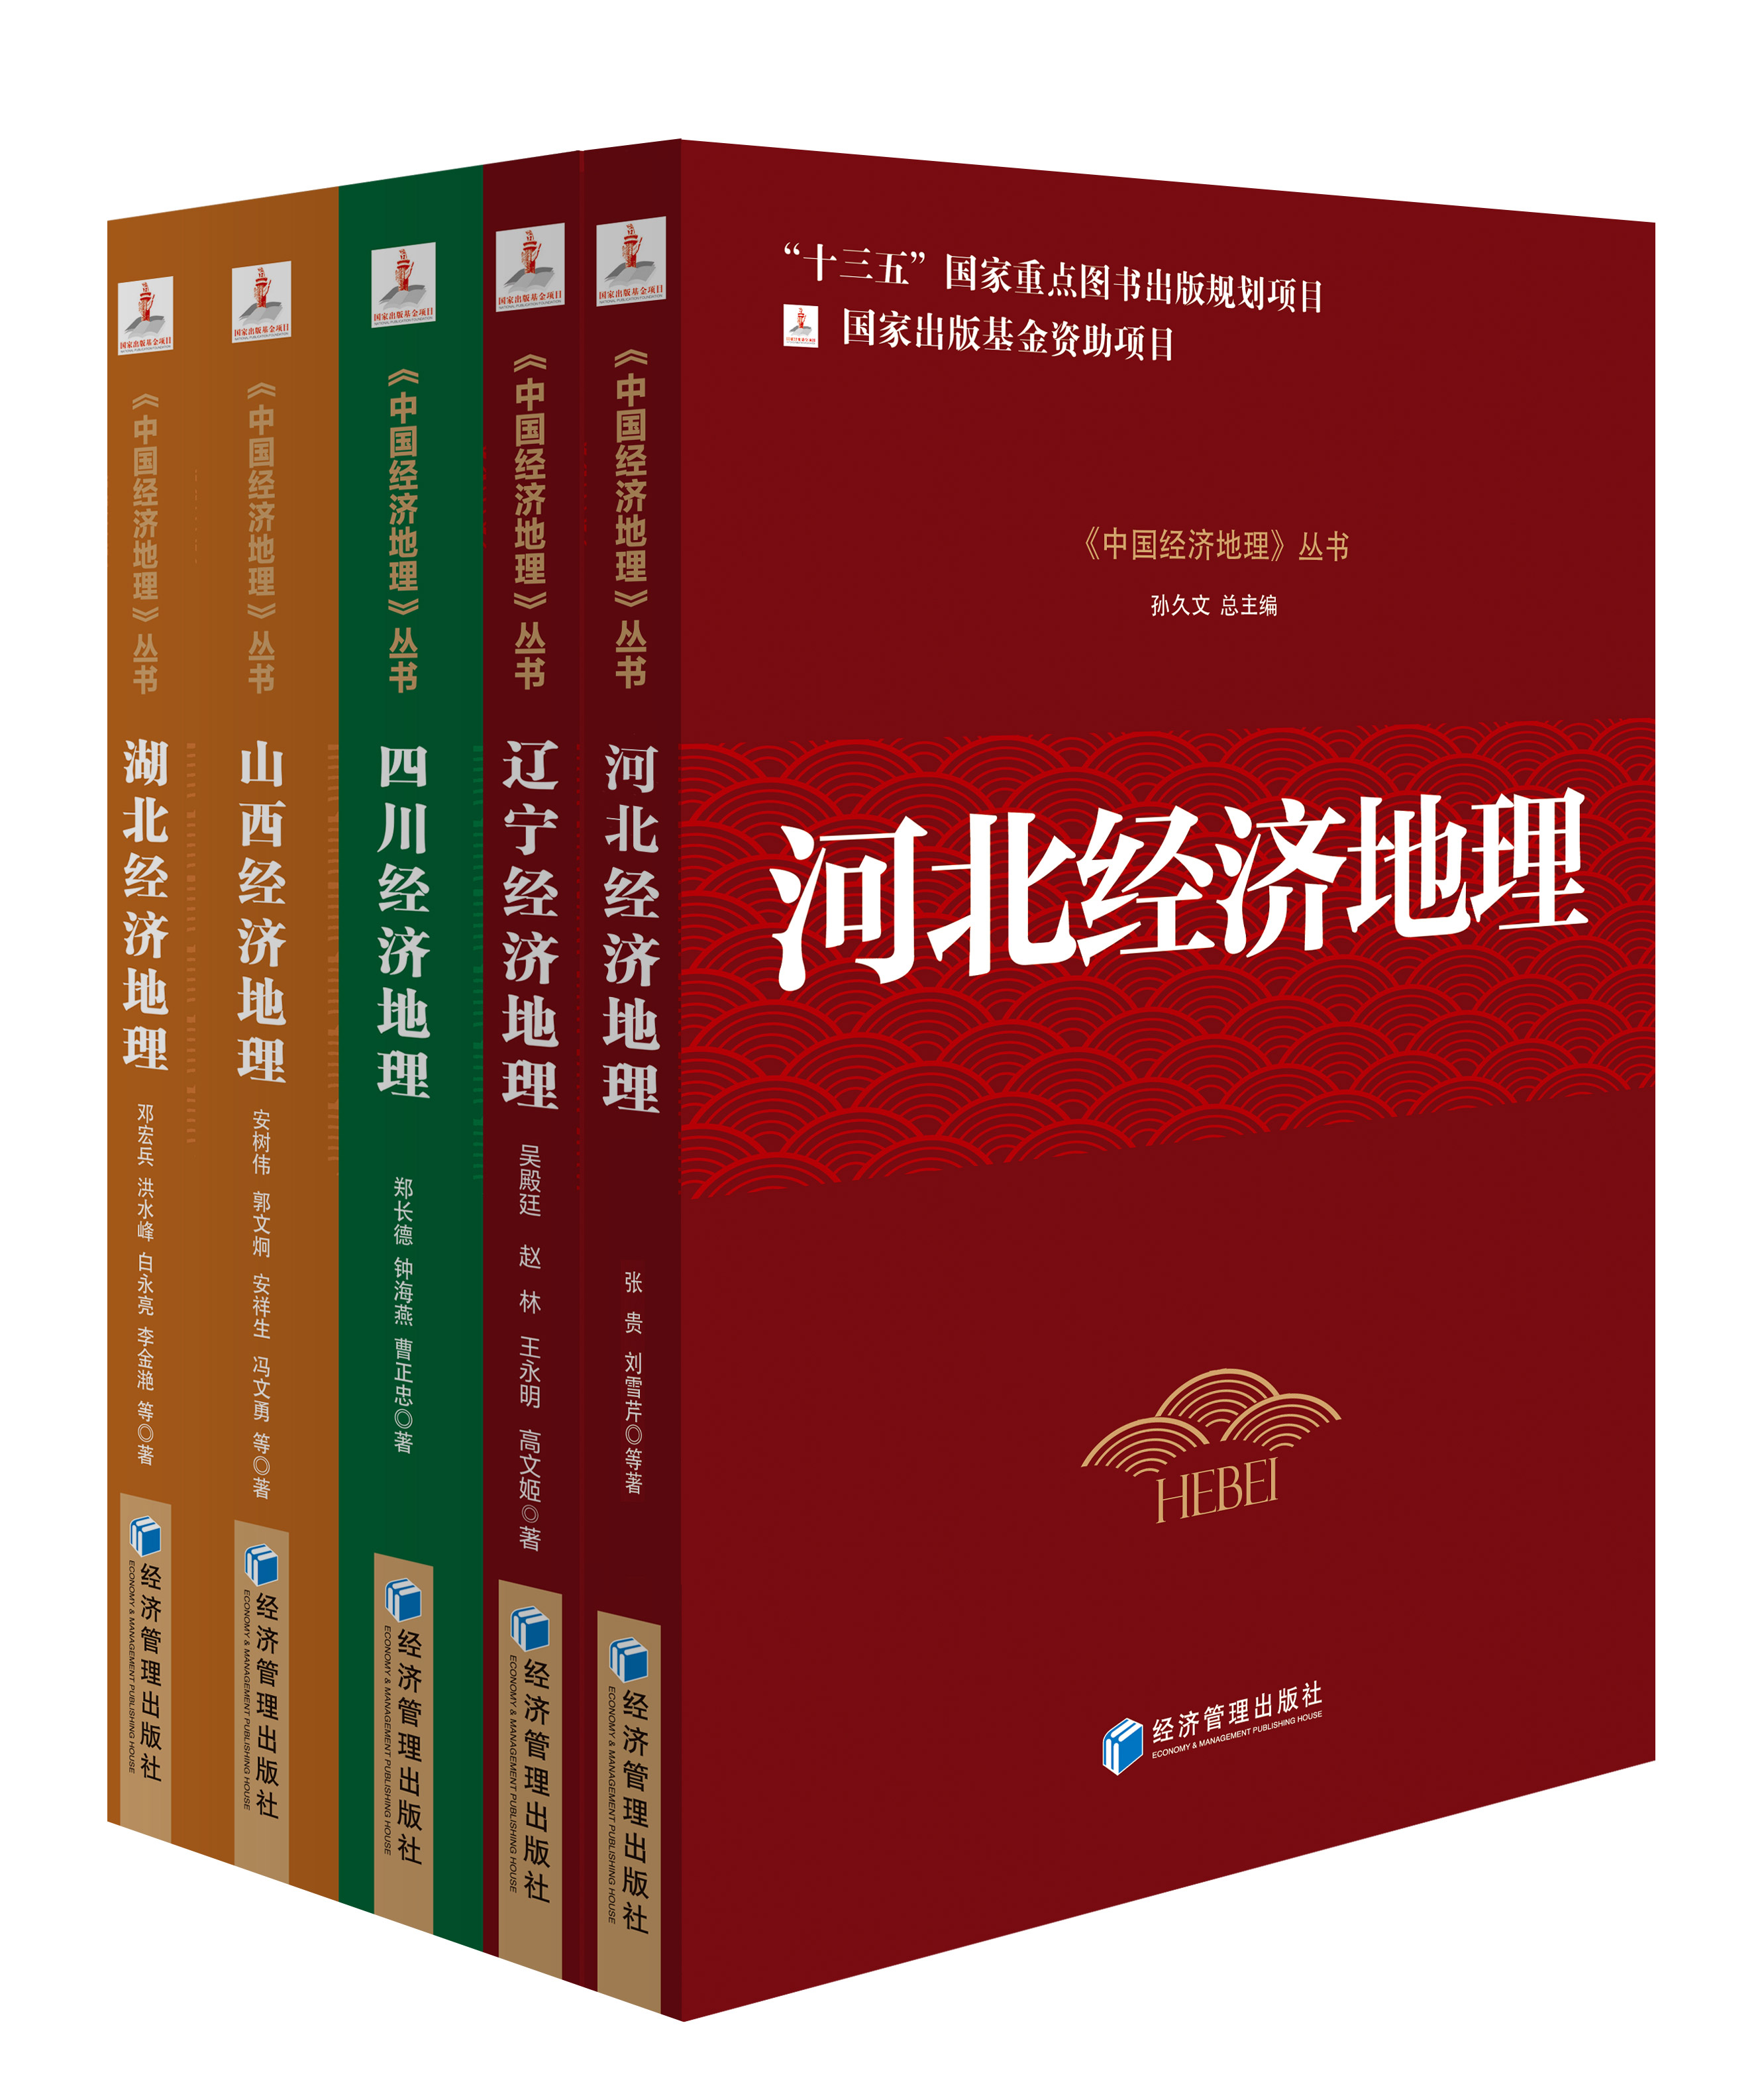 认识中国,了解中国,从中国经济地理开始